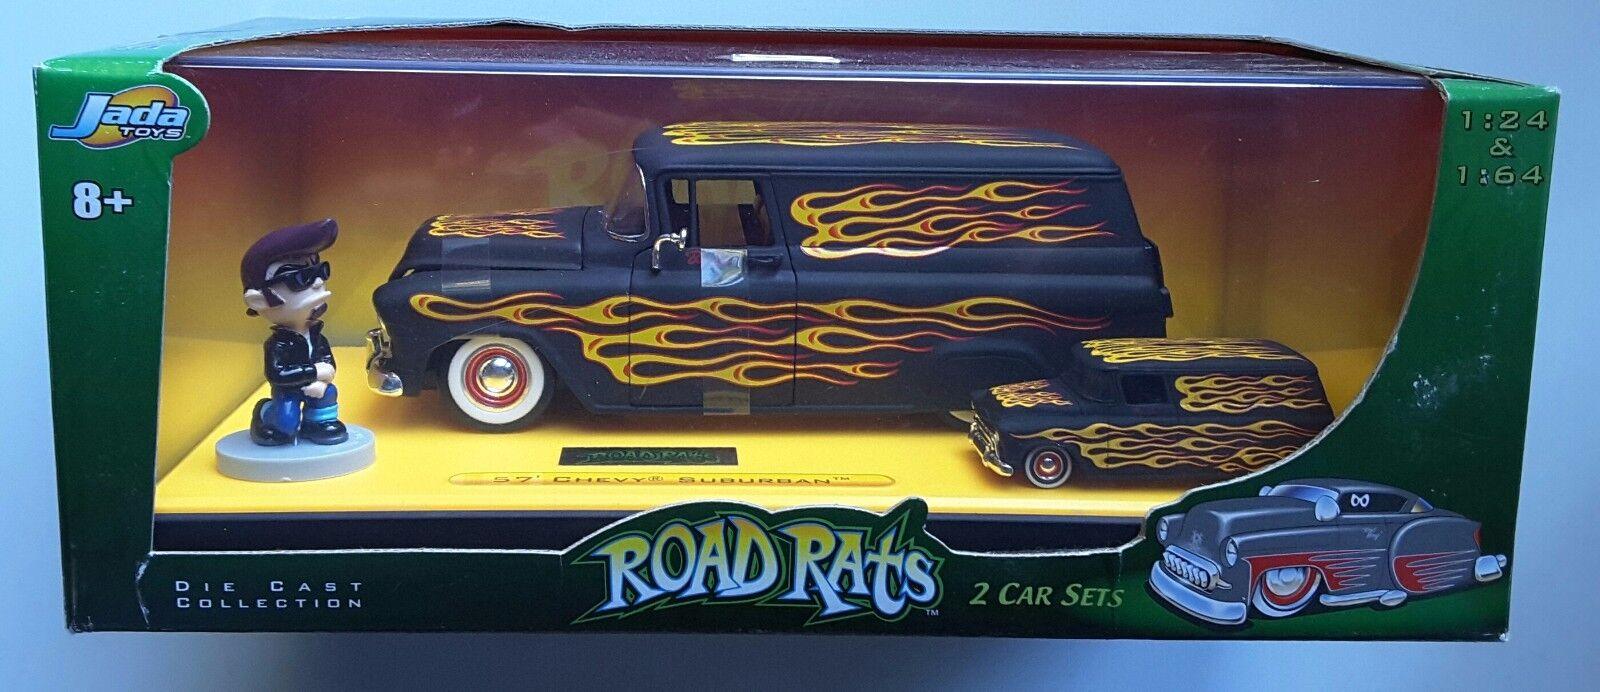 Seltene straße ratten 1957 - panel wagen jada chevy druckguss 2 auto setzen 1 64   24